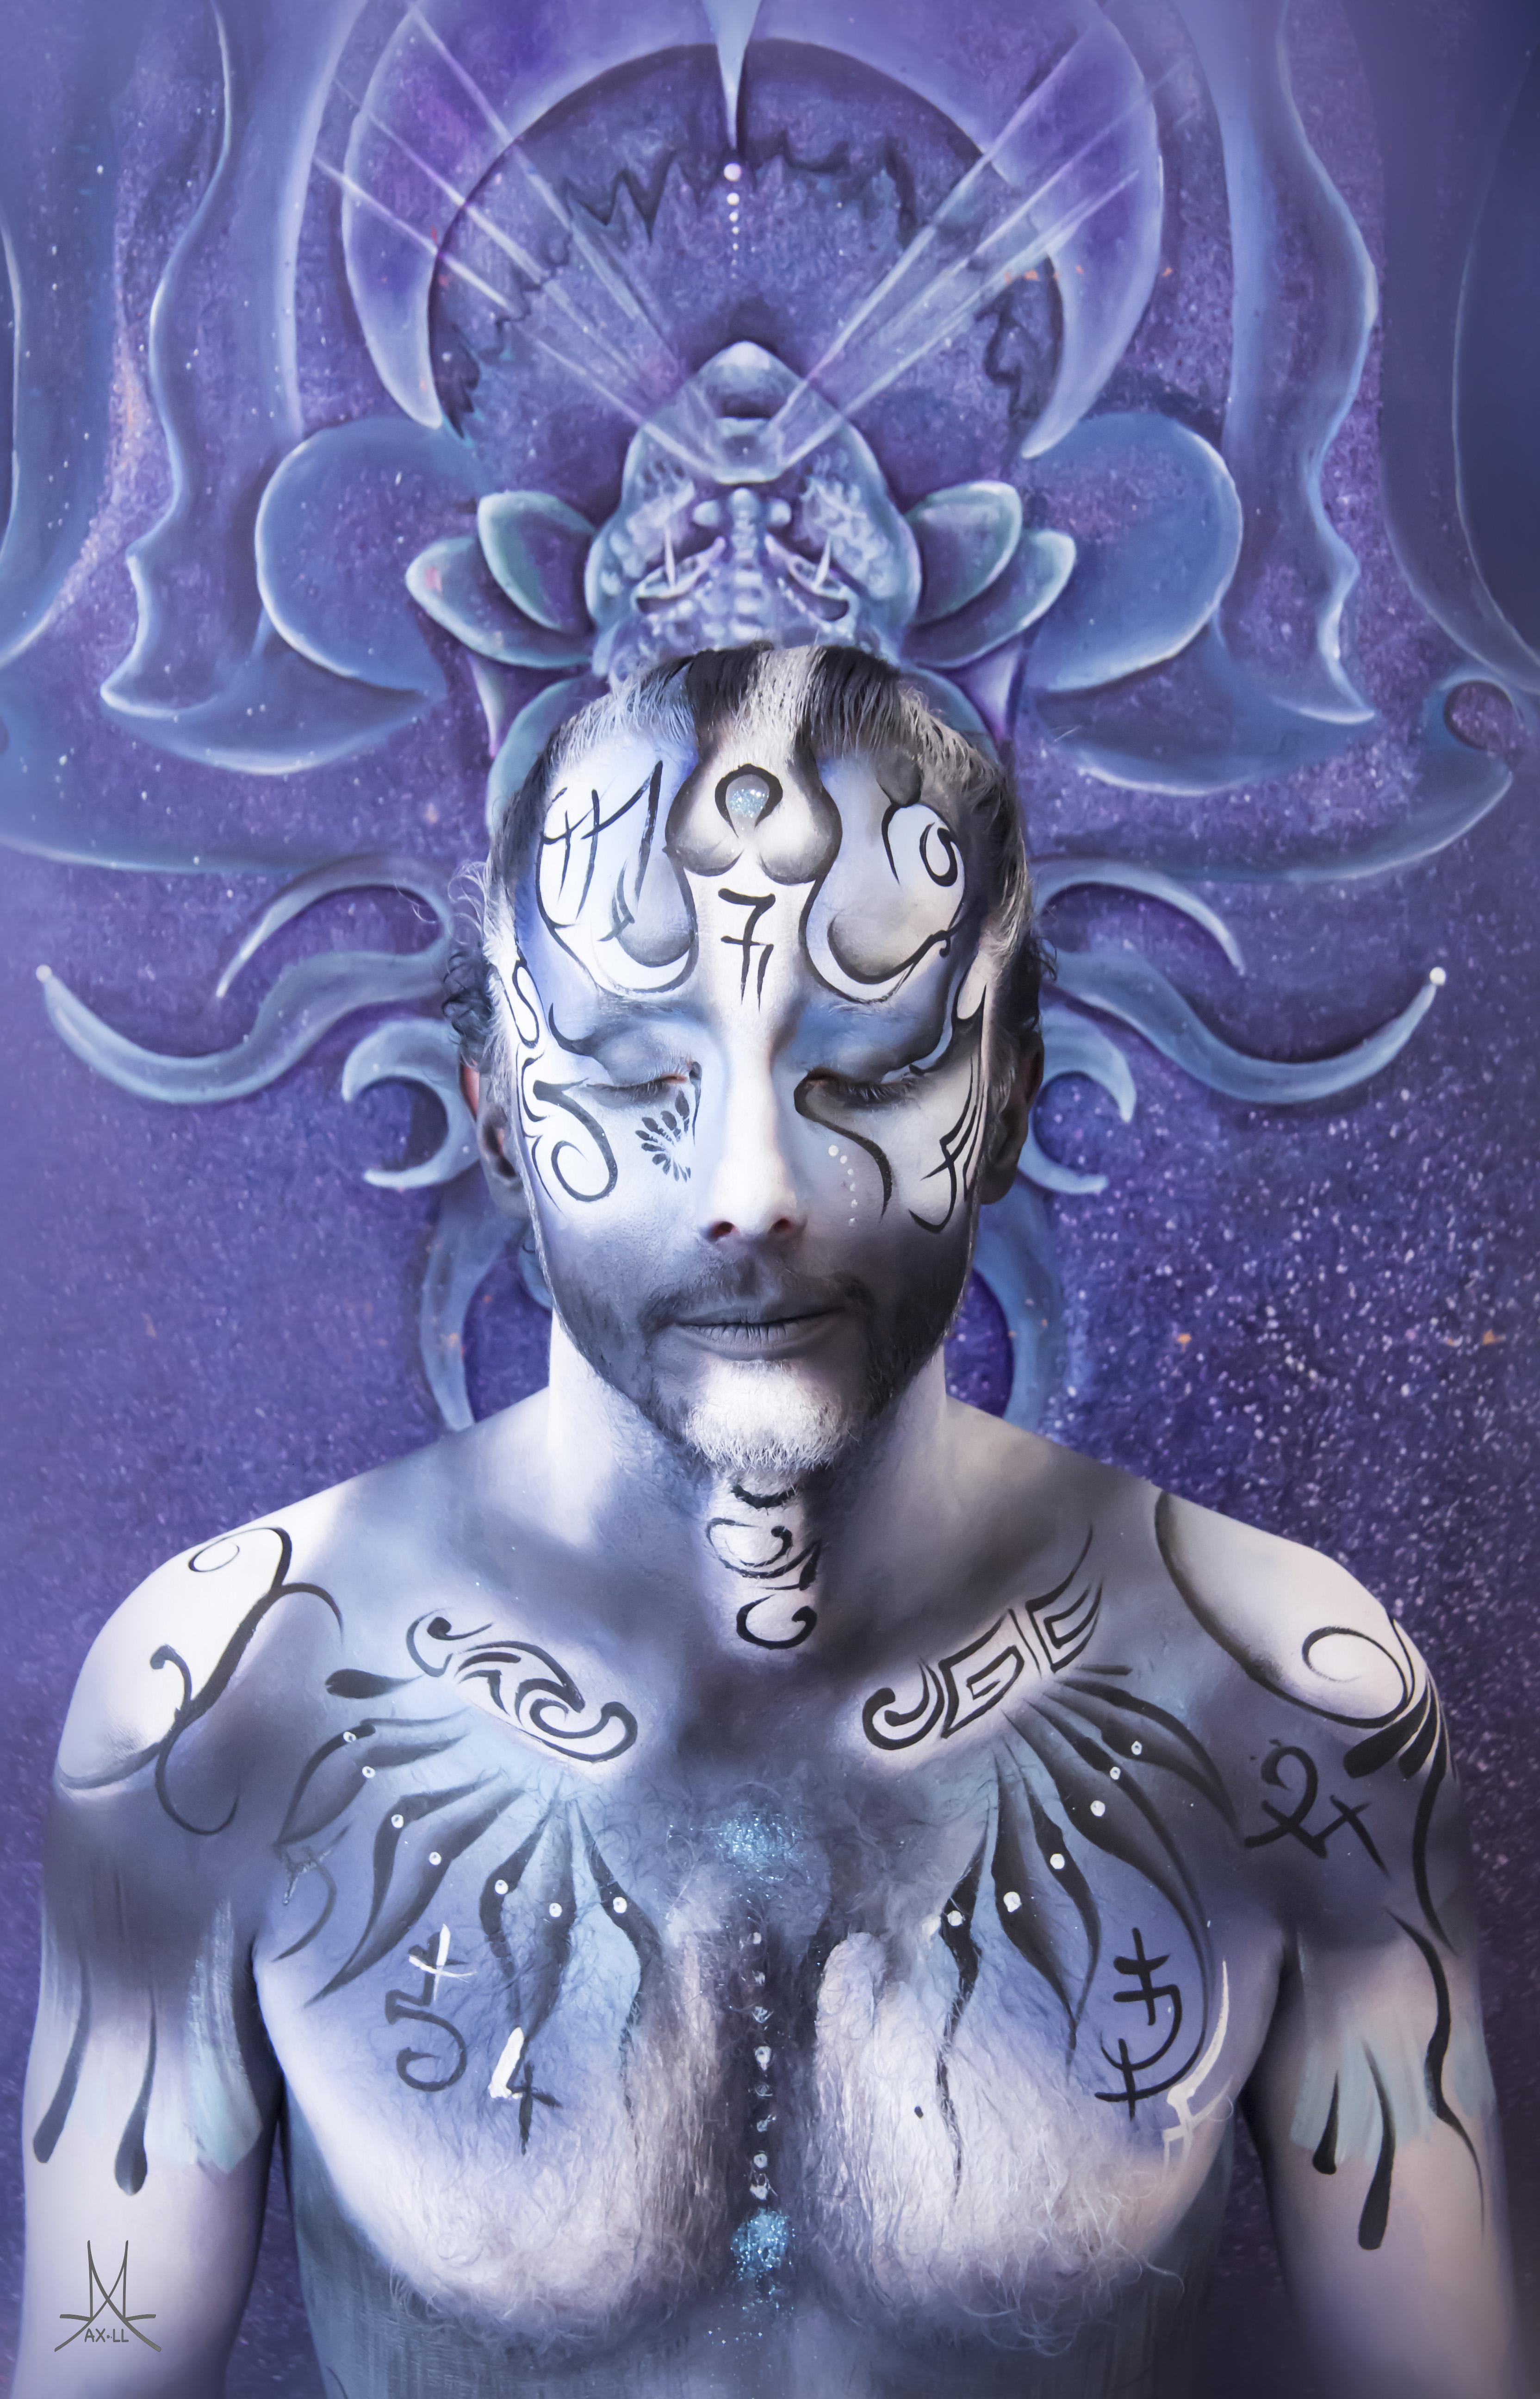 soul-painting_-julien__le-gardien-des-e-toiles_aou%cc%82t2016-copy